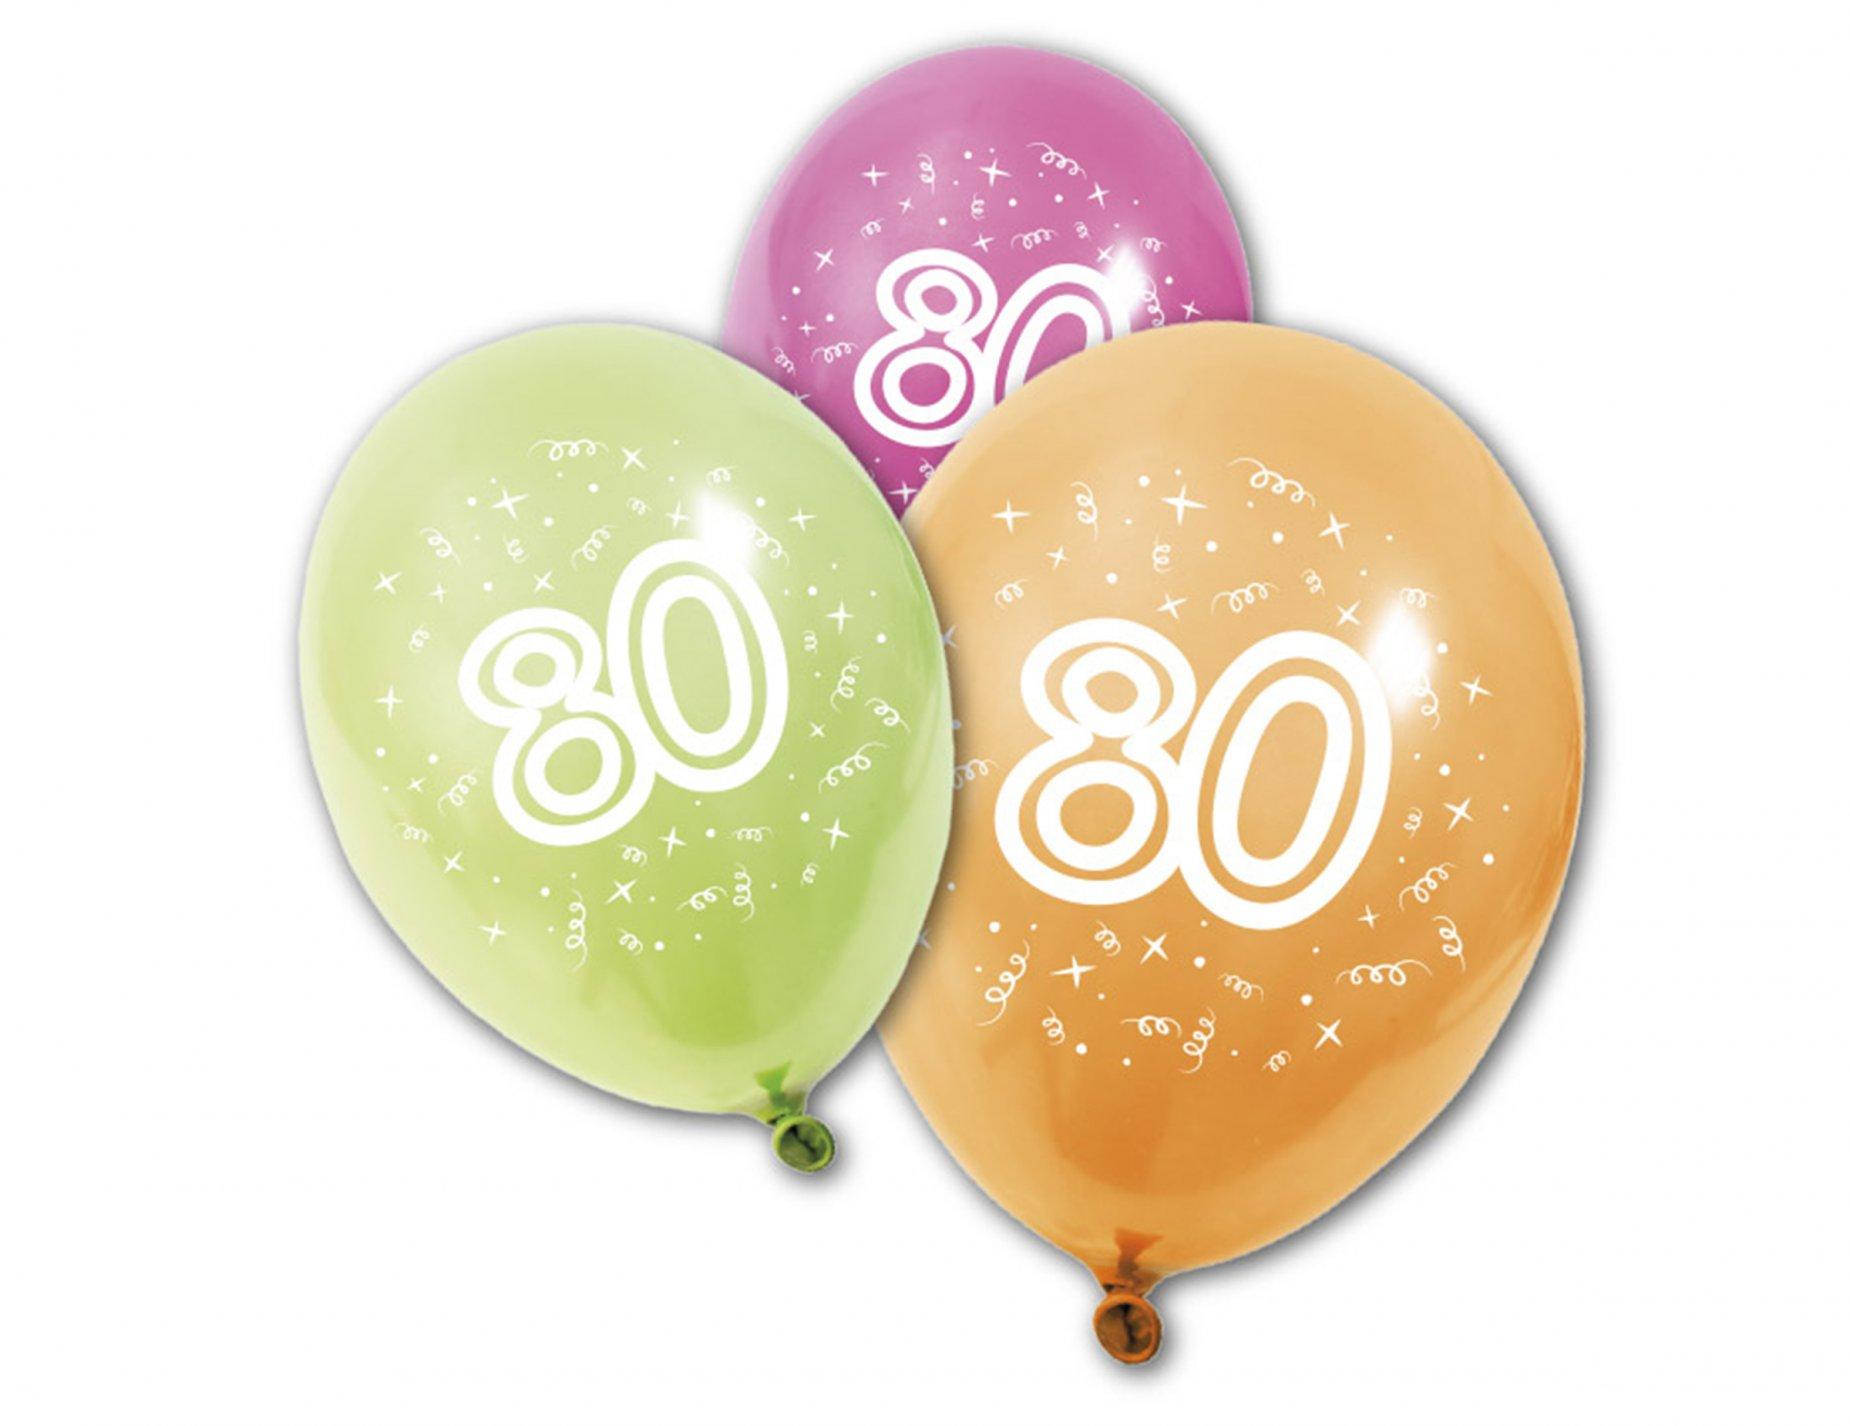 frasi di compleanno 80 anni